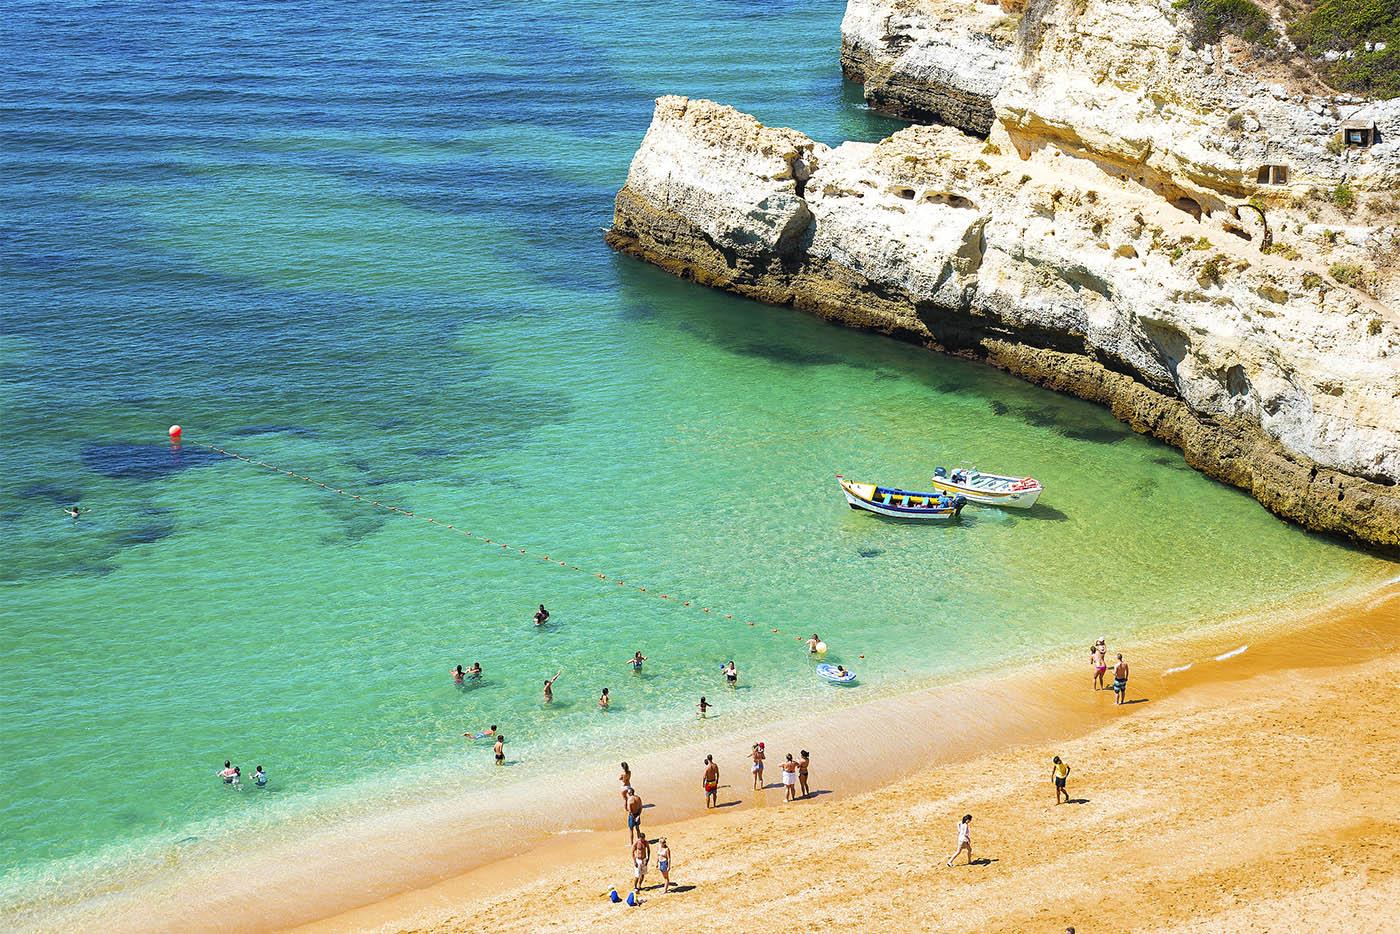 Plages de l'Algarve, Portugal